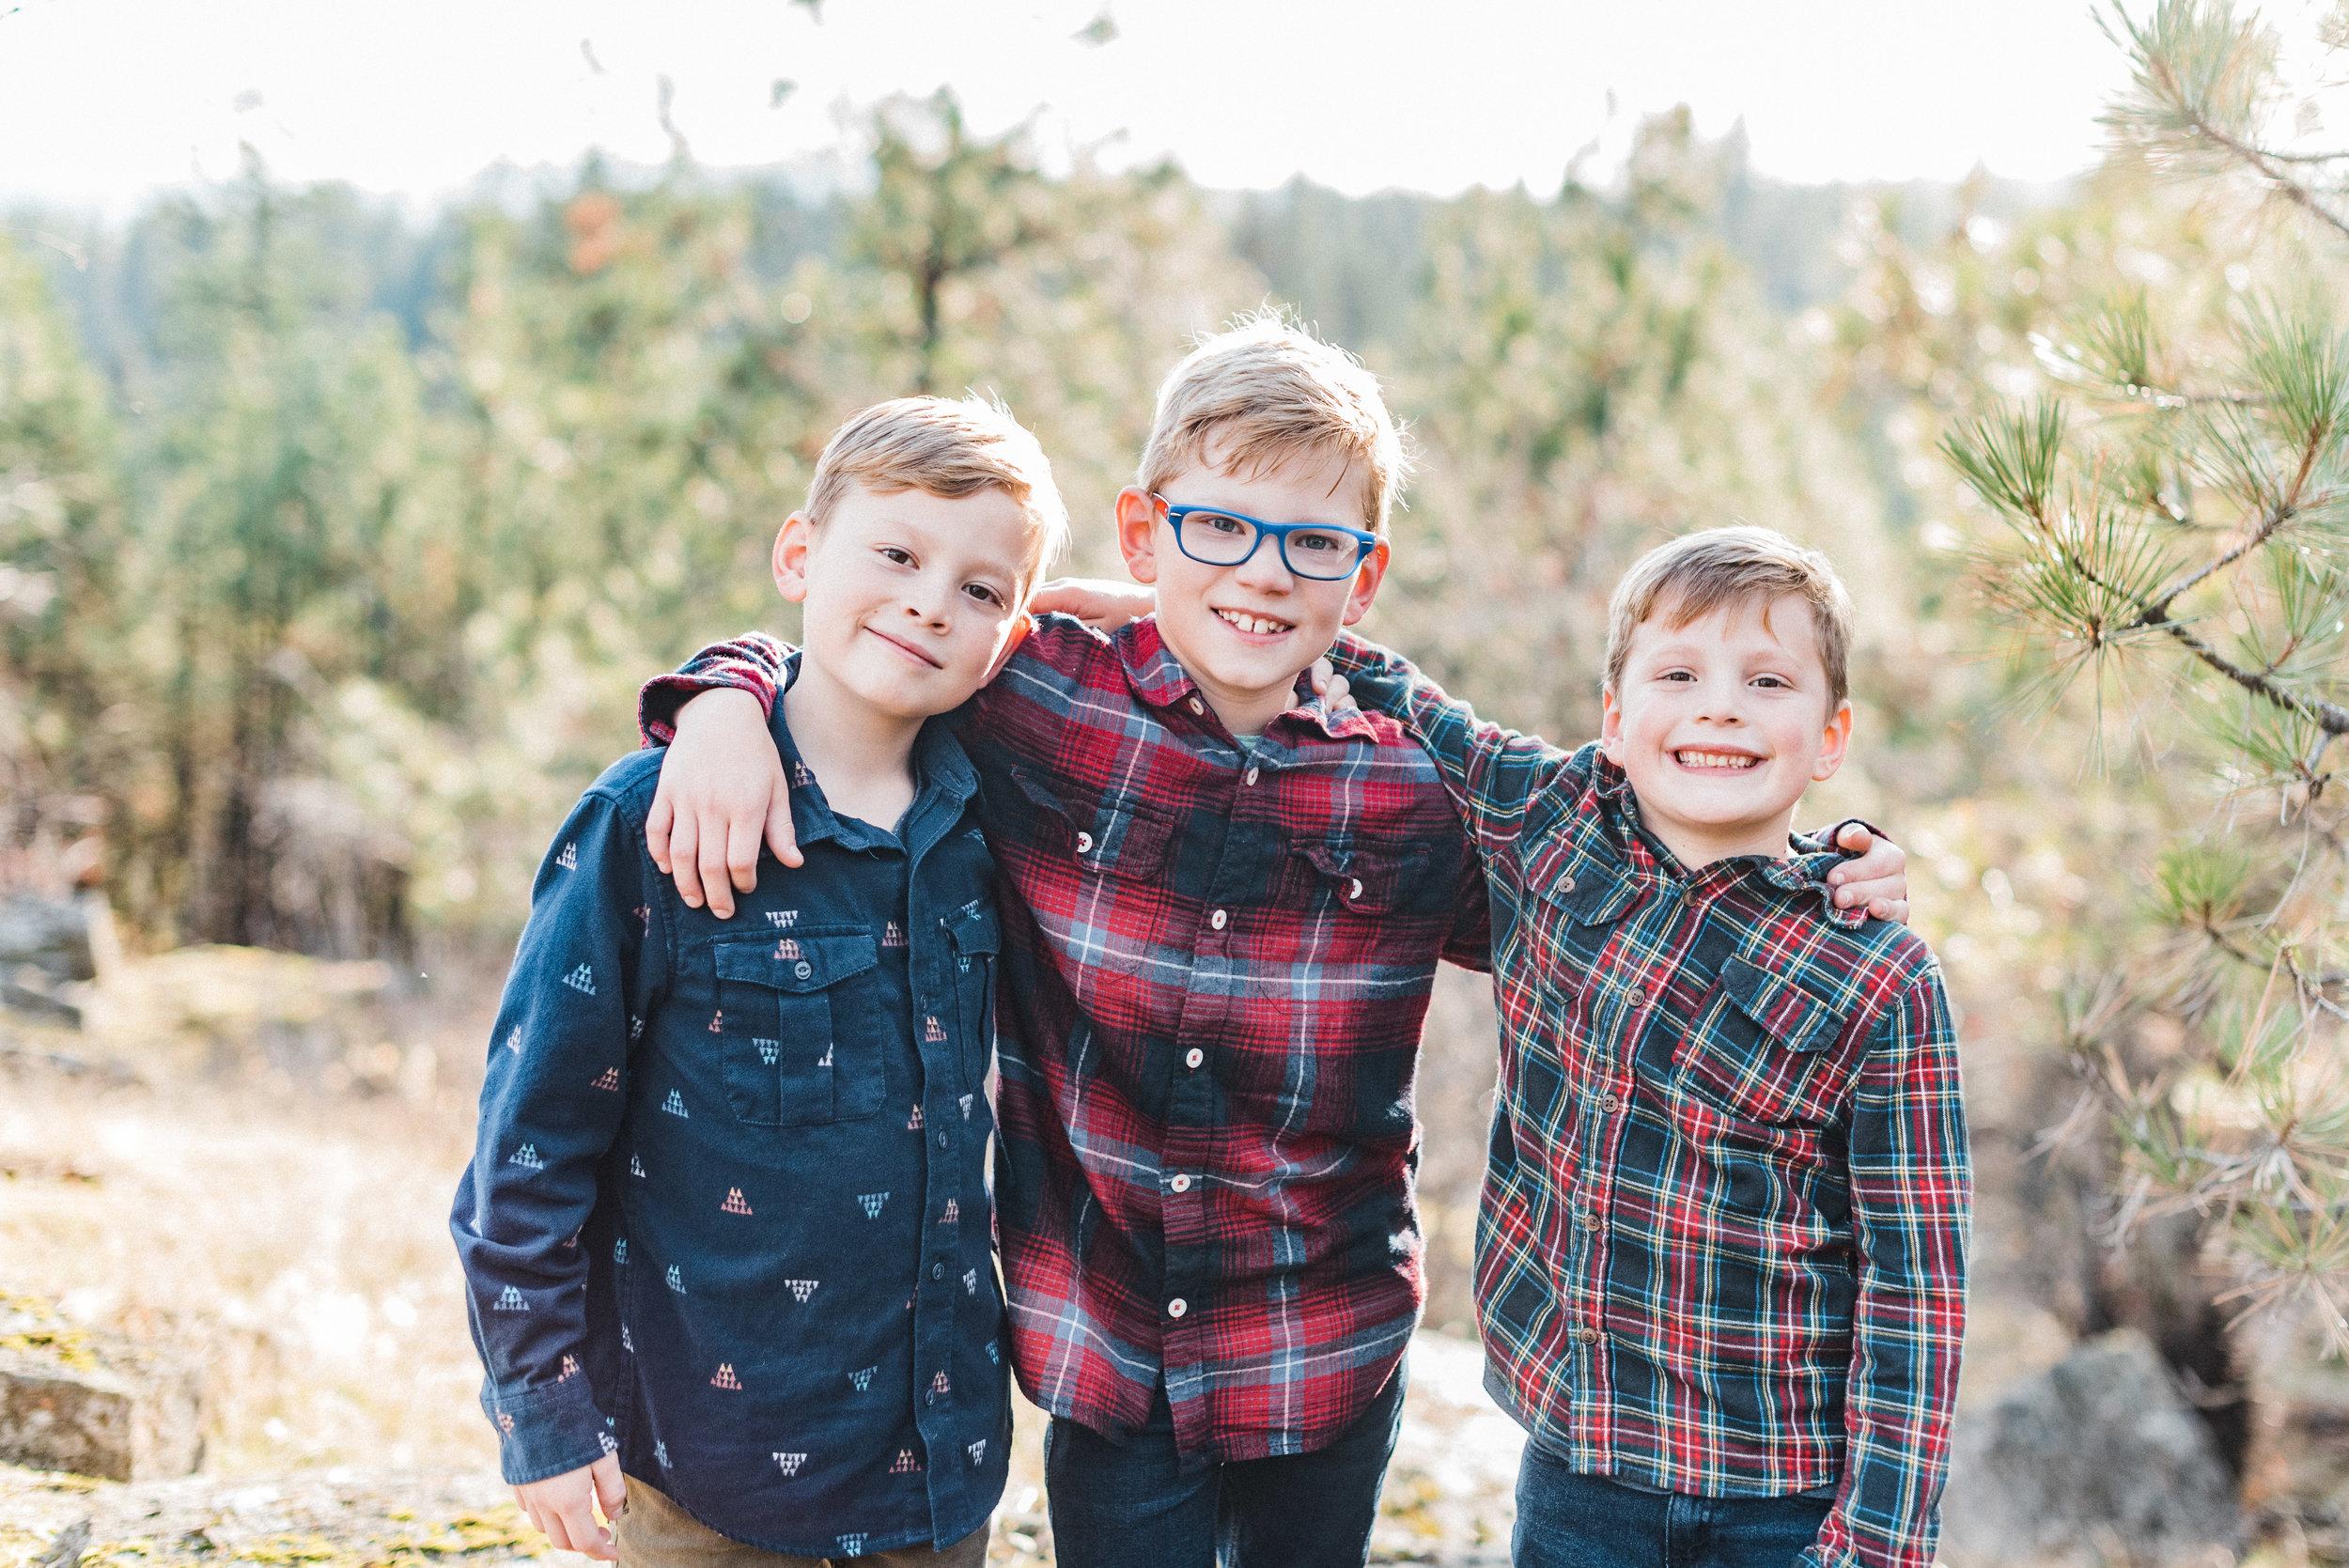 spokane_family_photographer_longmeier (1 of 19).jpg